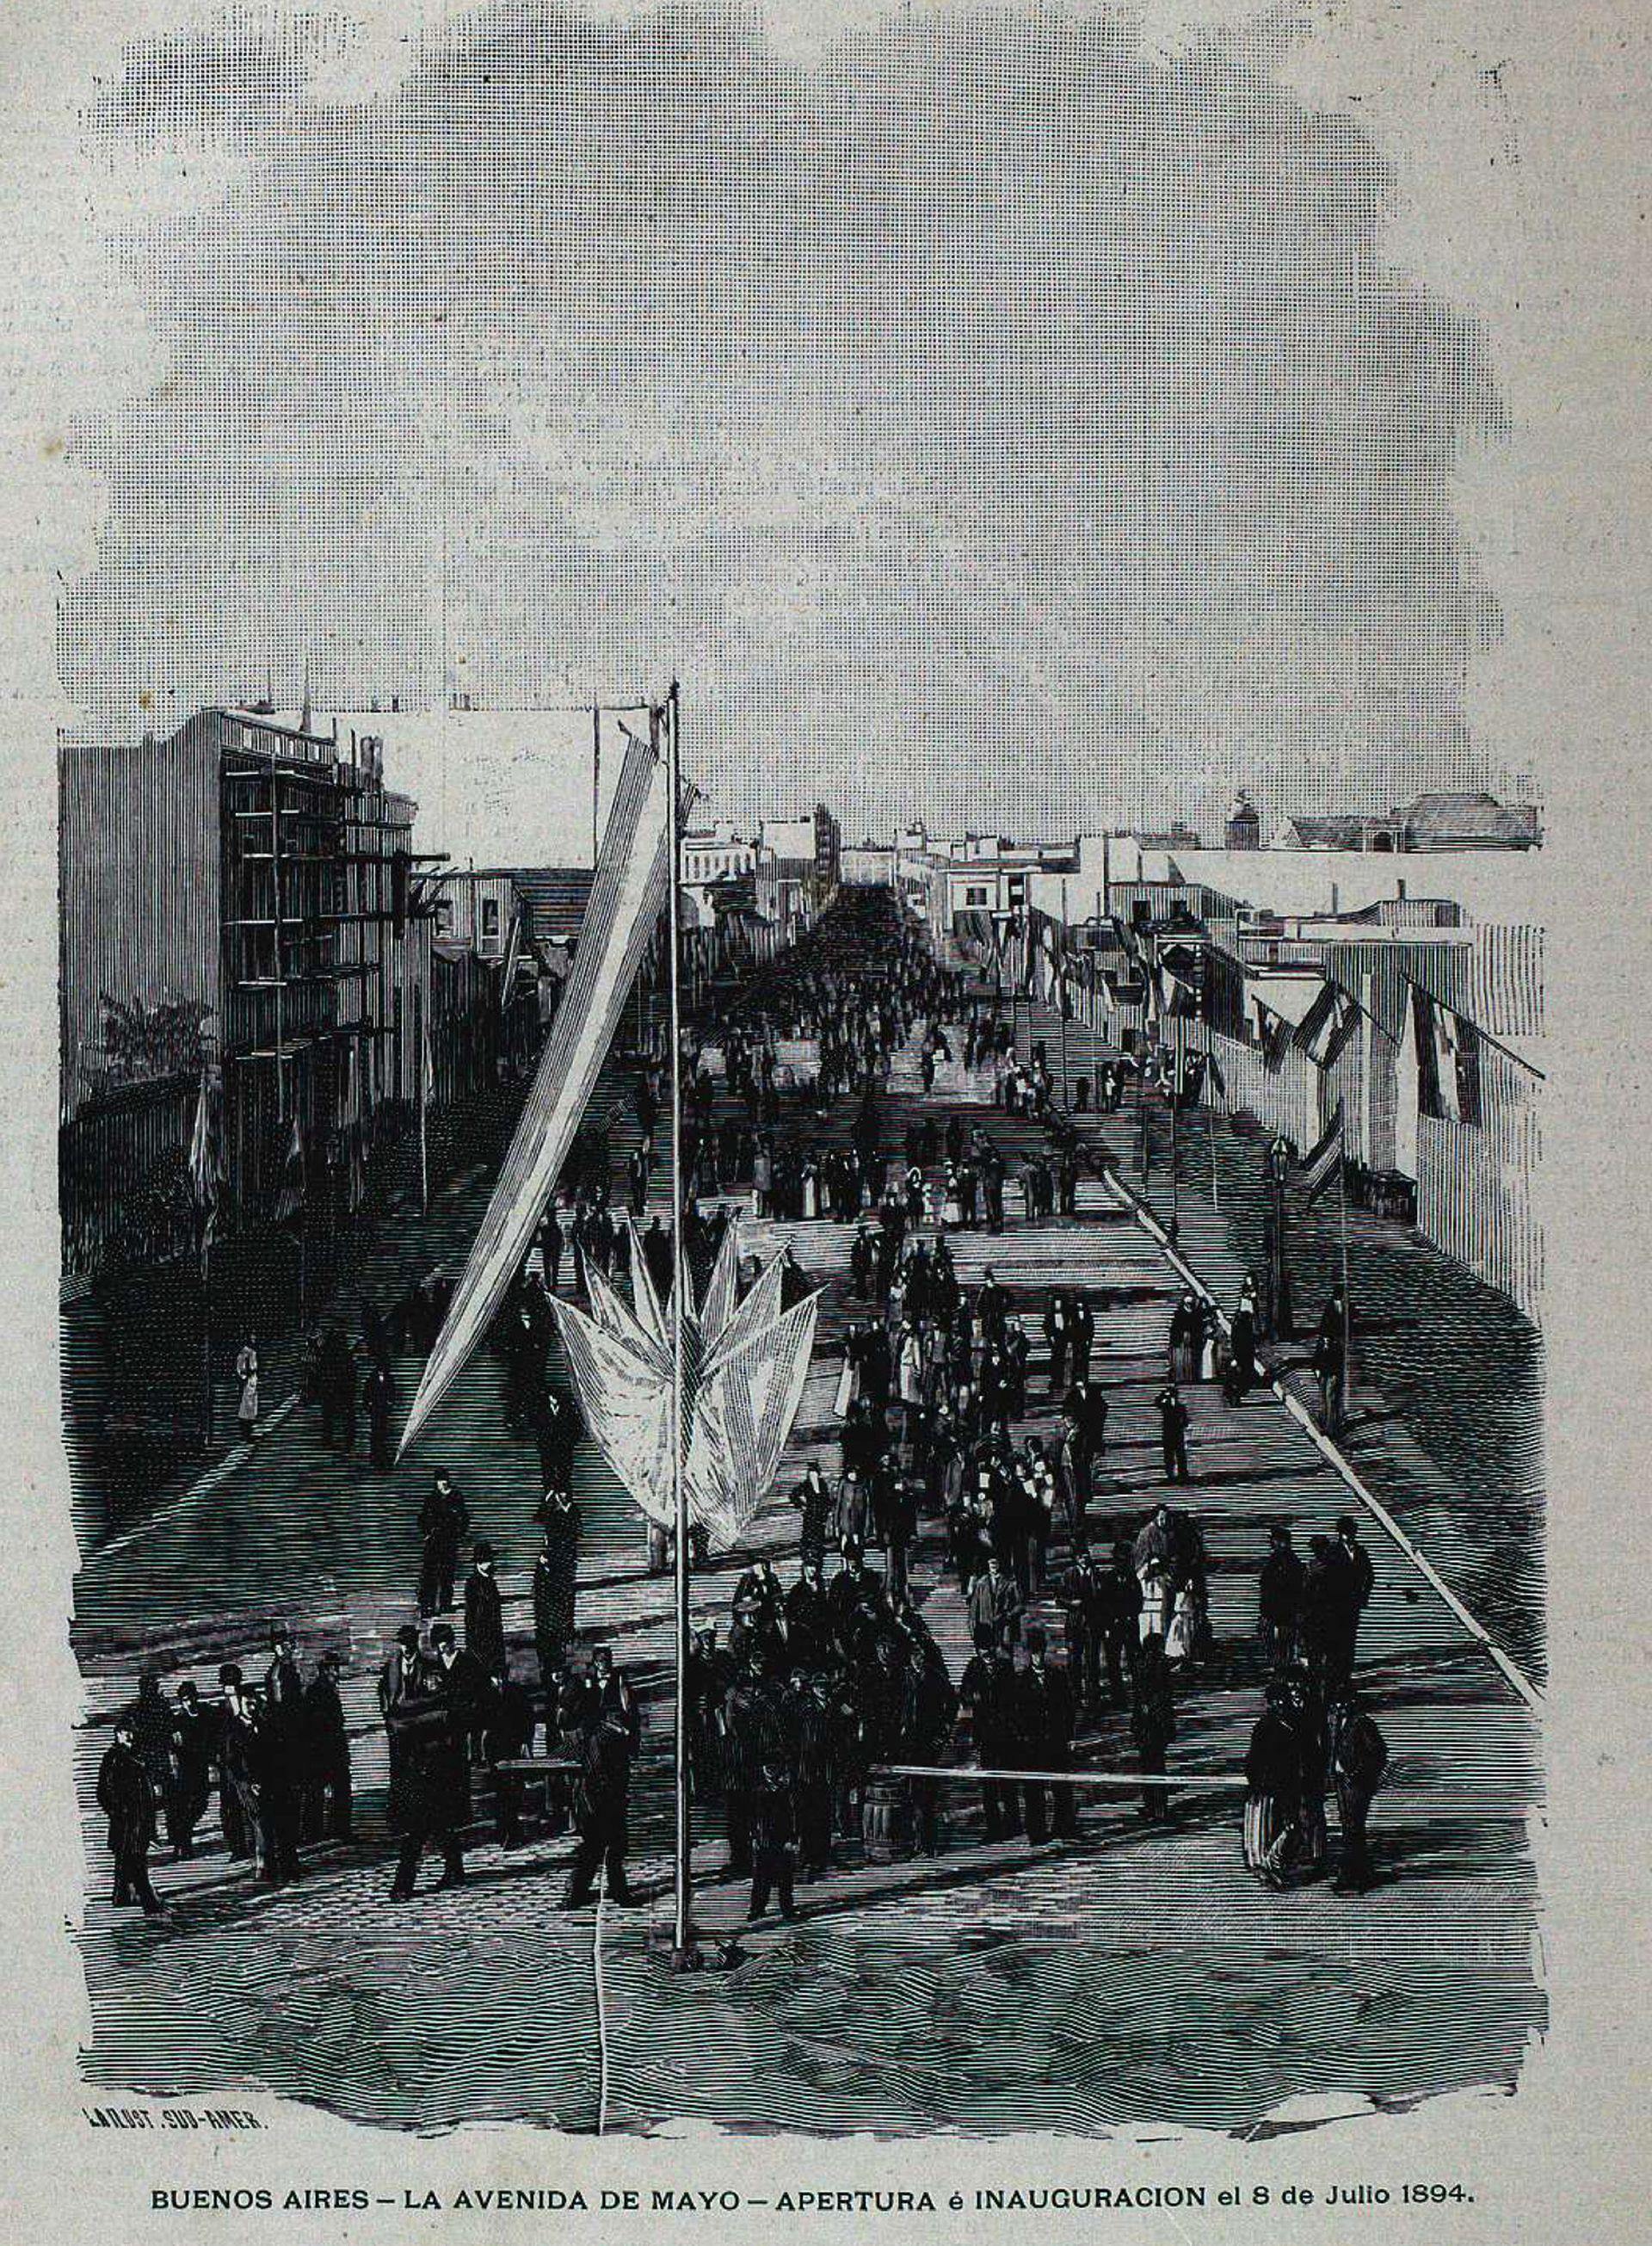 La inauguración de la Avenida de Mayo se celebró en julio de 1894. La calle estaba abierta, pero apenas existían unos pocos edificios, y los servicios públicos eran muy deficientes.